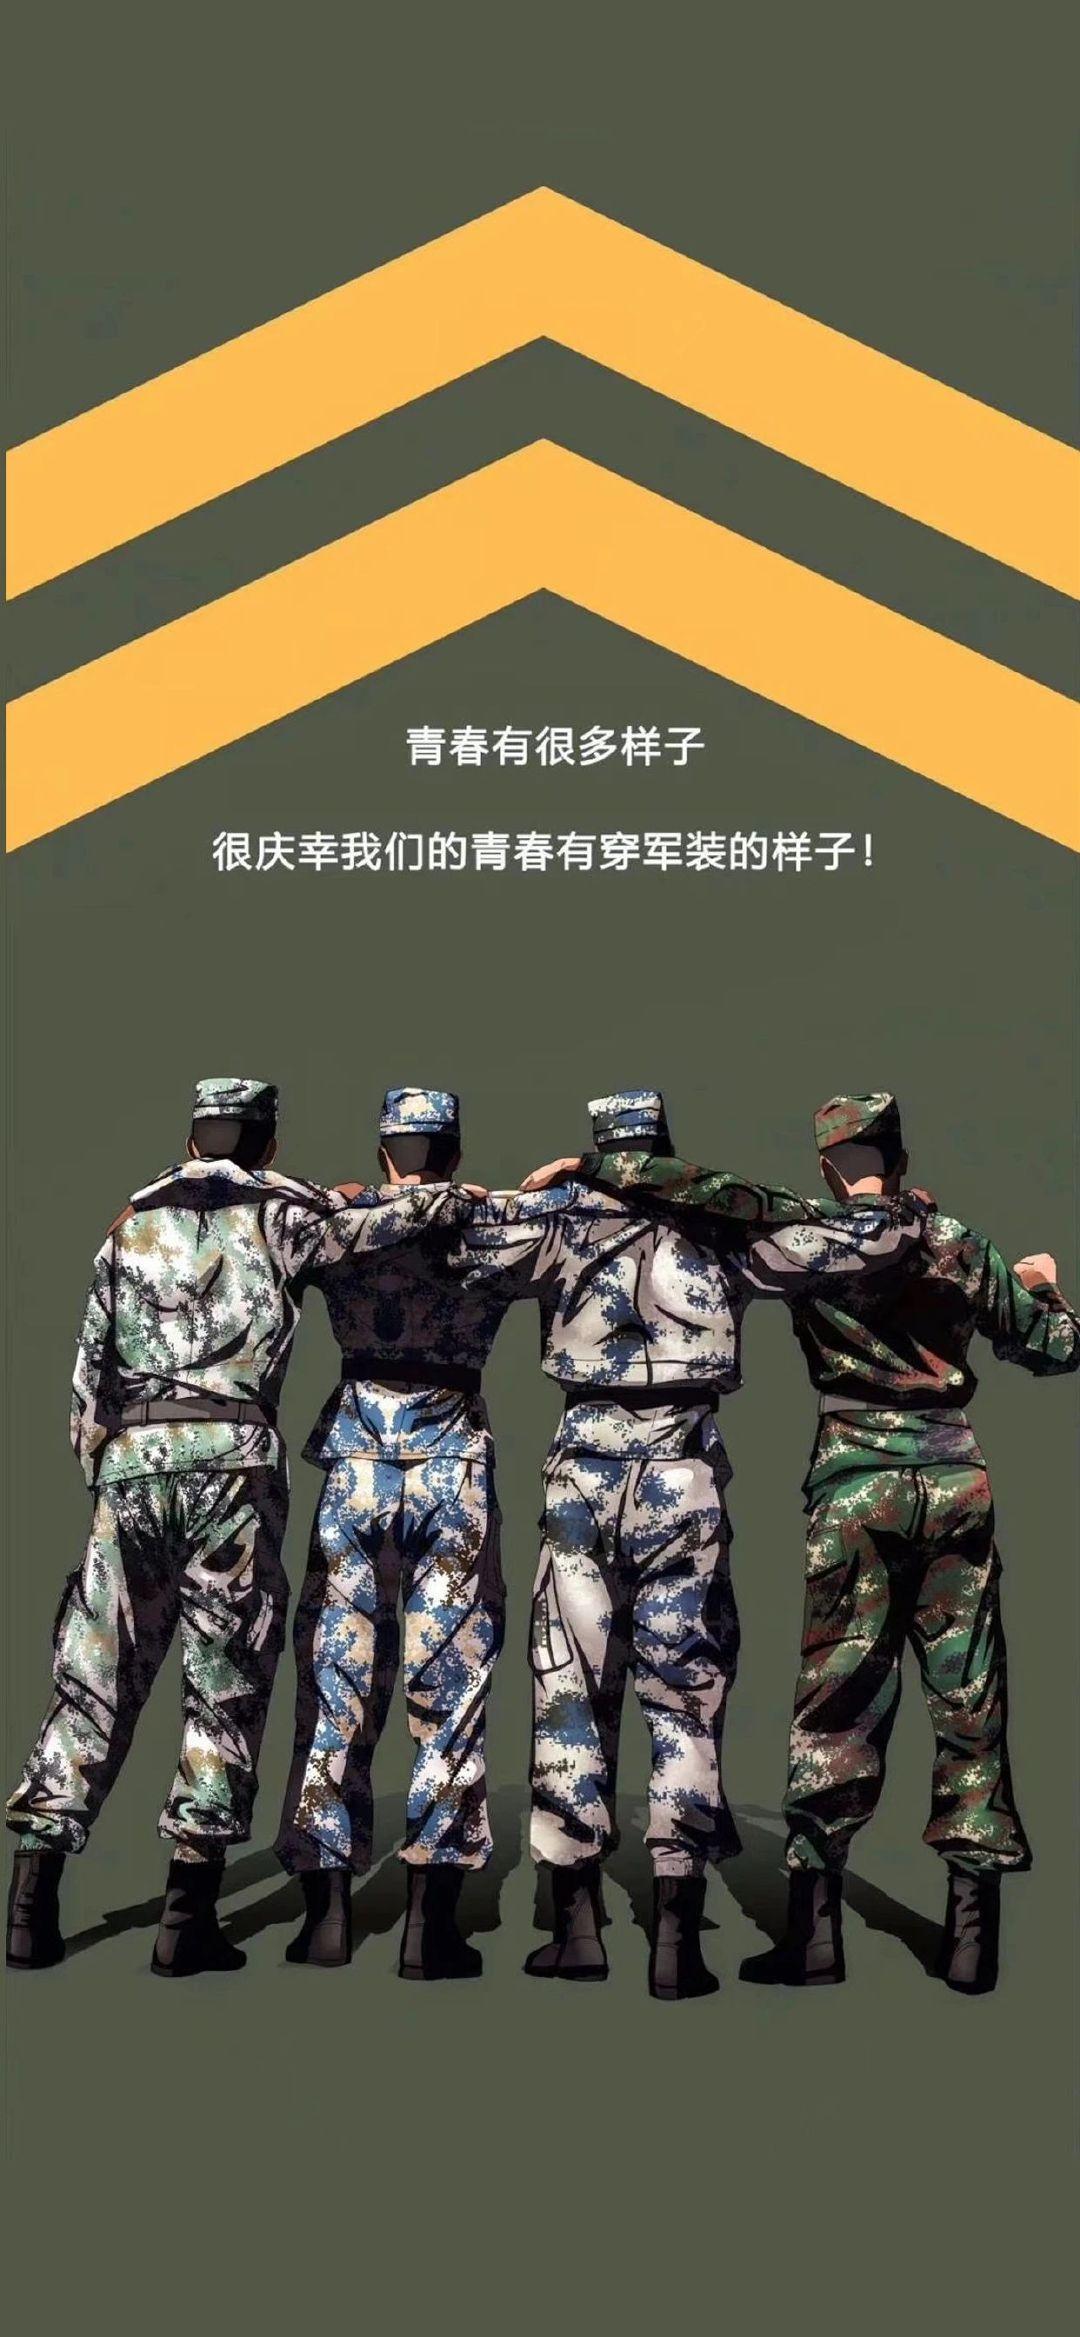 5f4fac4a84924 - 军人壁纸:哪有什么岁月静好,不过是有人替你负重前行